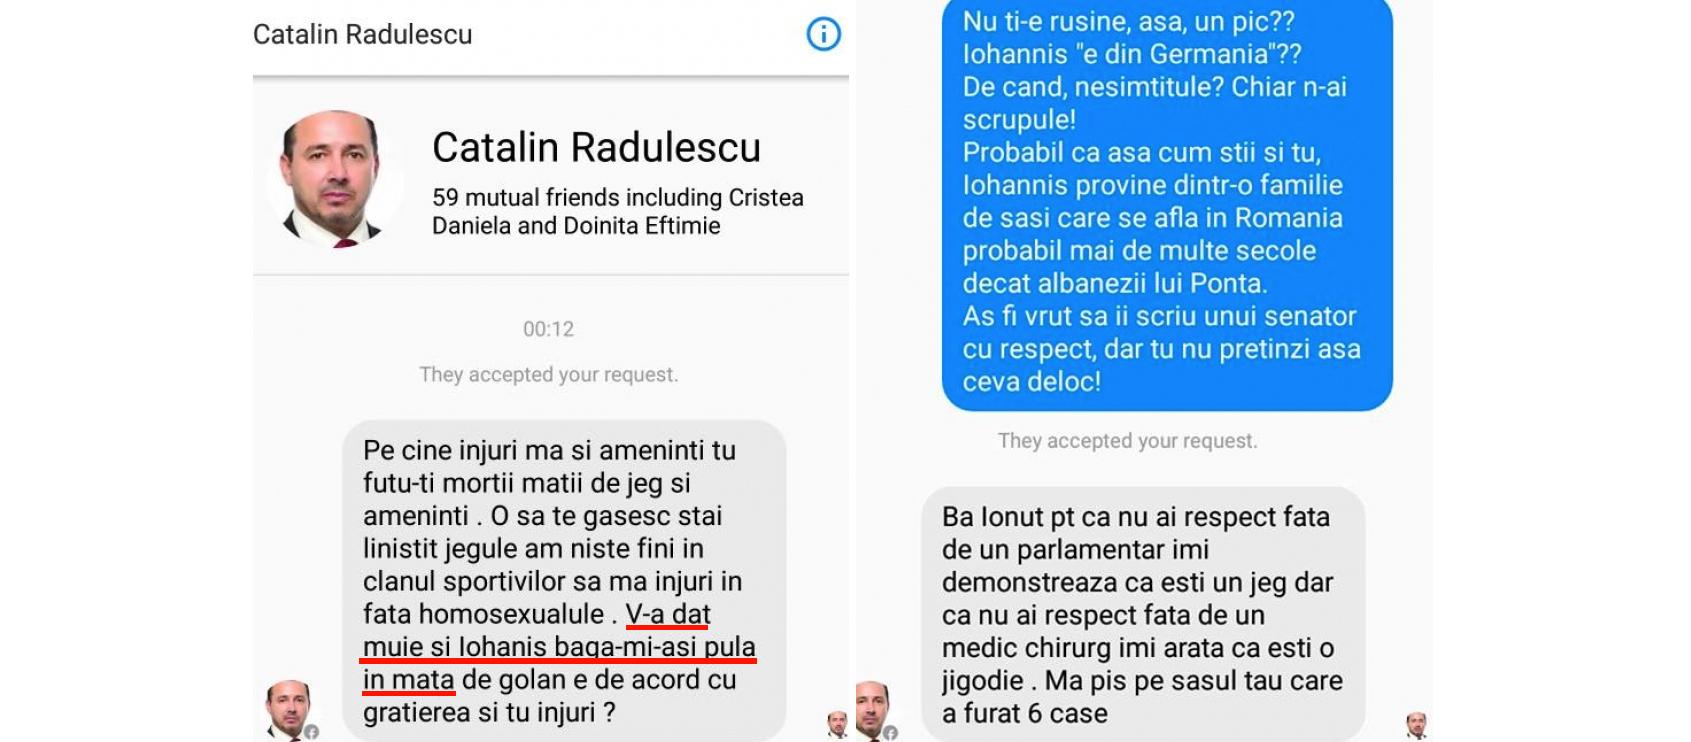 Cătălin Rădulescu, parlamentar și agramat: azi vă înjură, mâine poate vă și mitraliază!